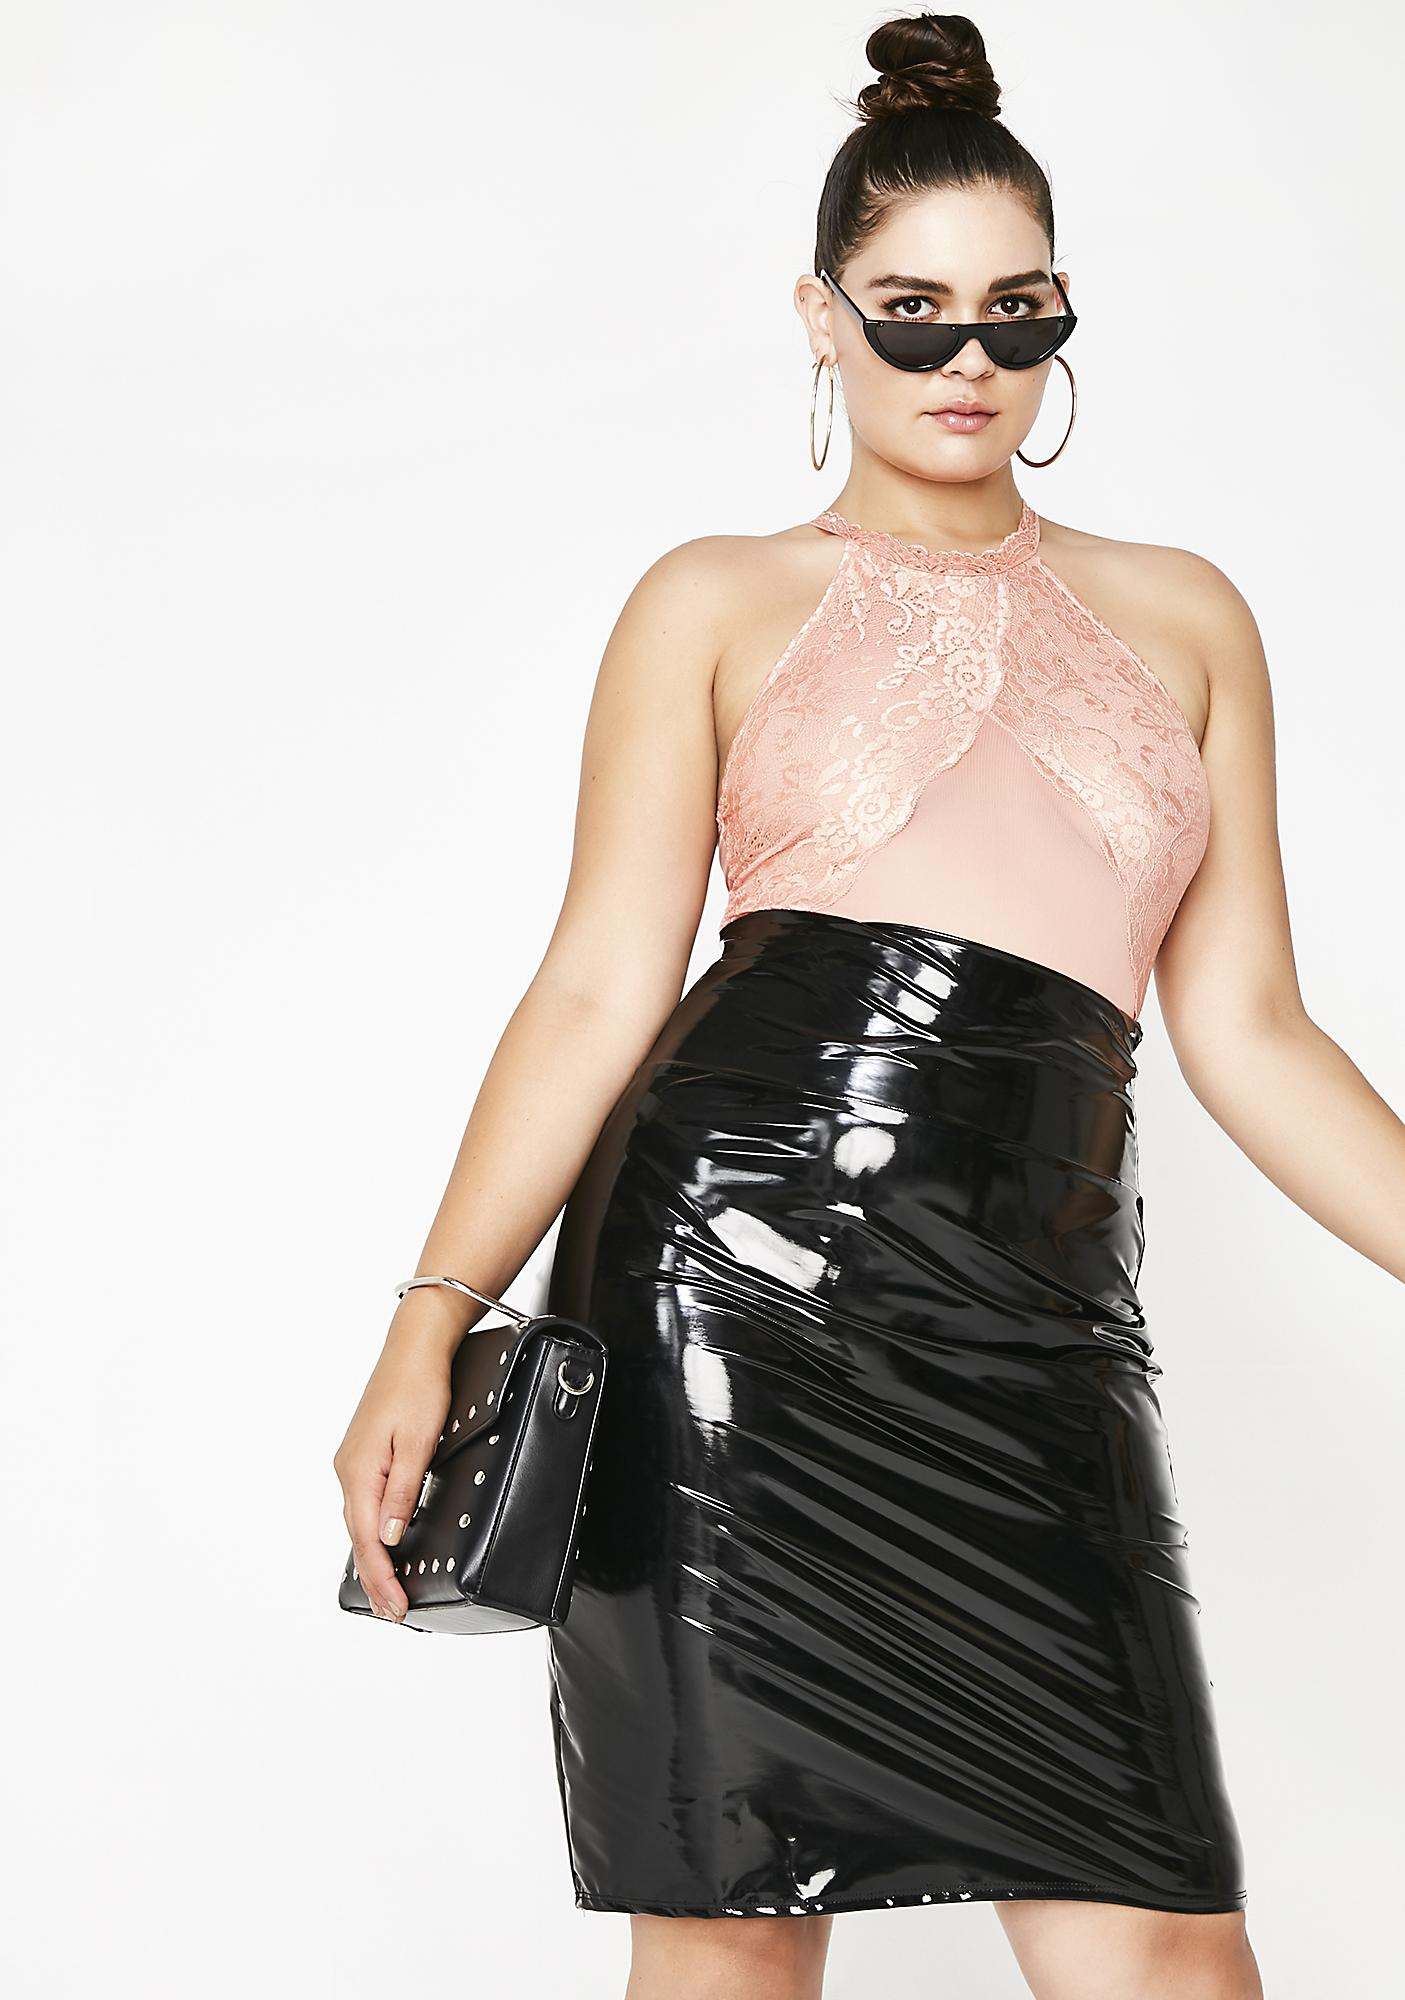 Rosy Slay Sista Halter Bodysuit